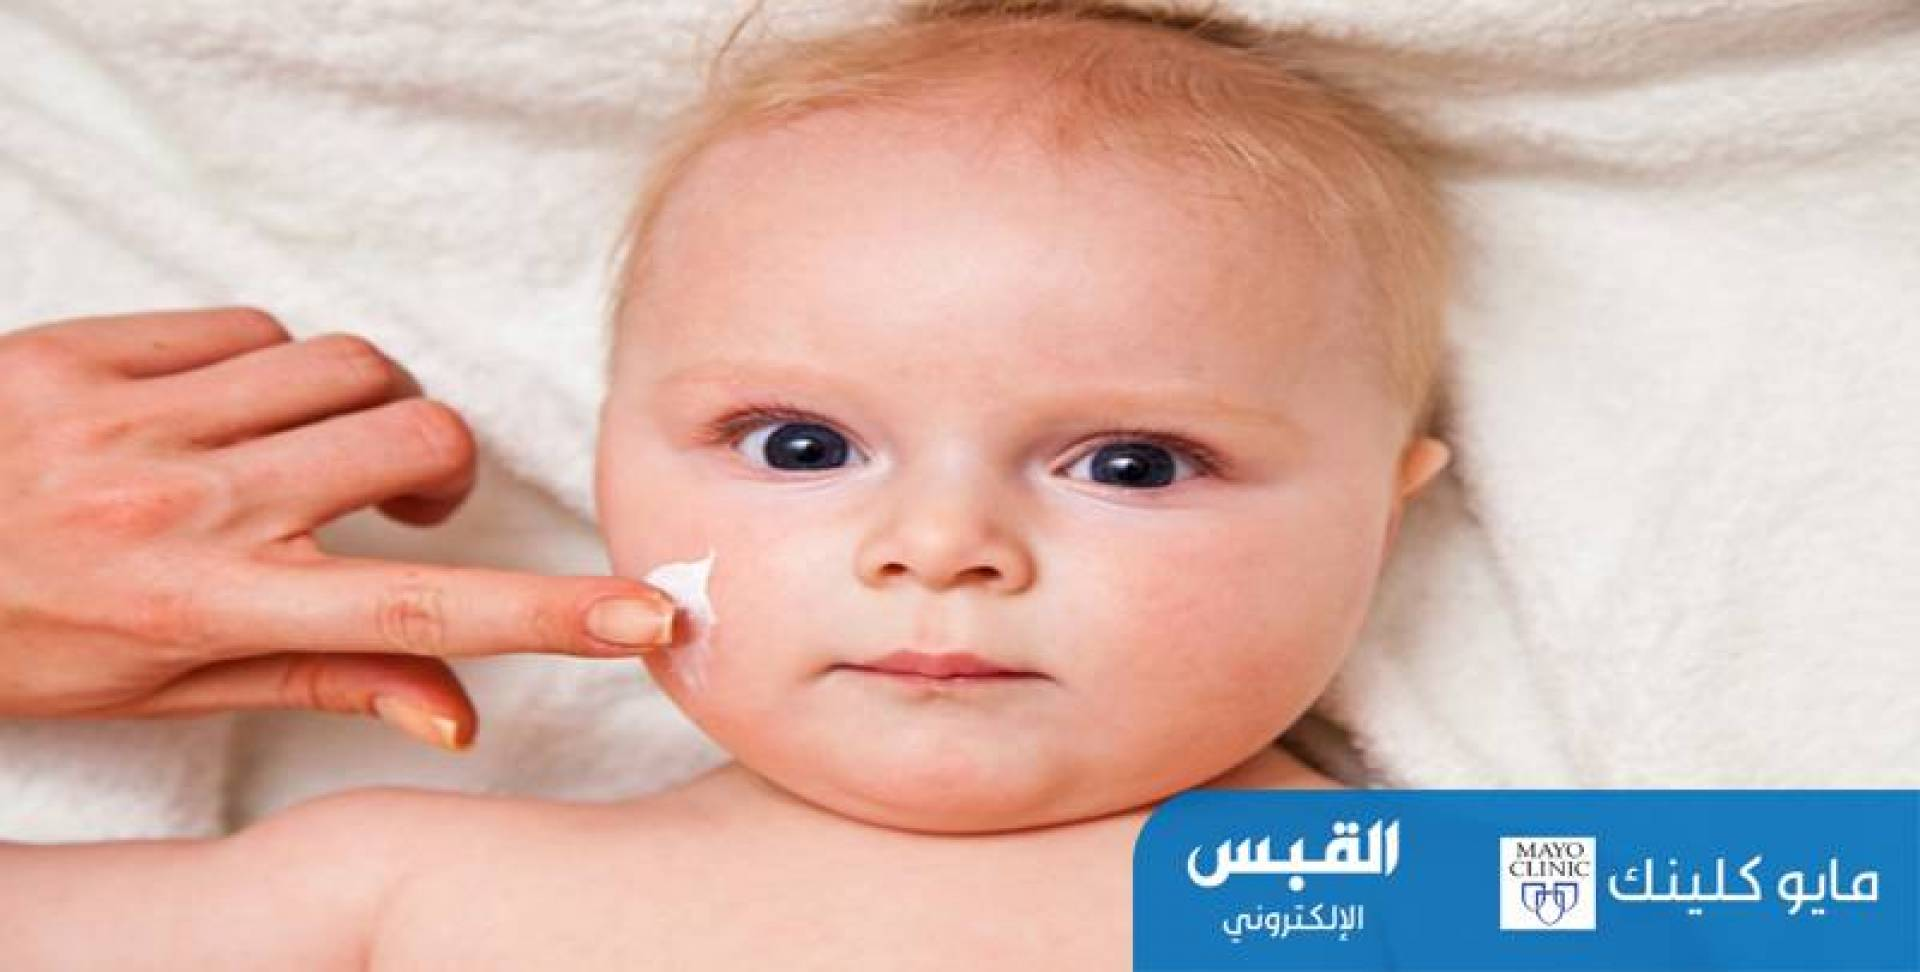 كيف يمكنني علاج الإكزيما لدى الرضع؟